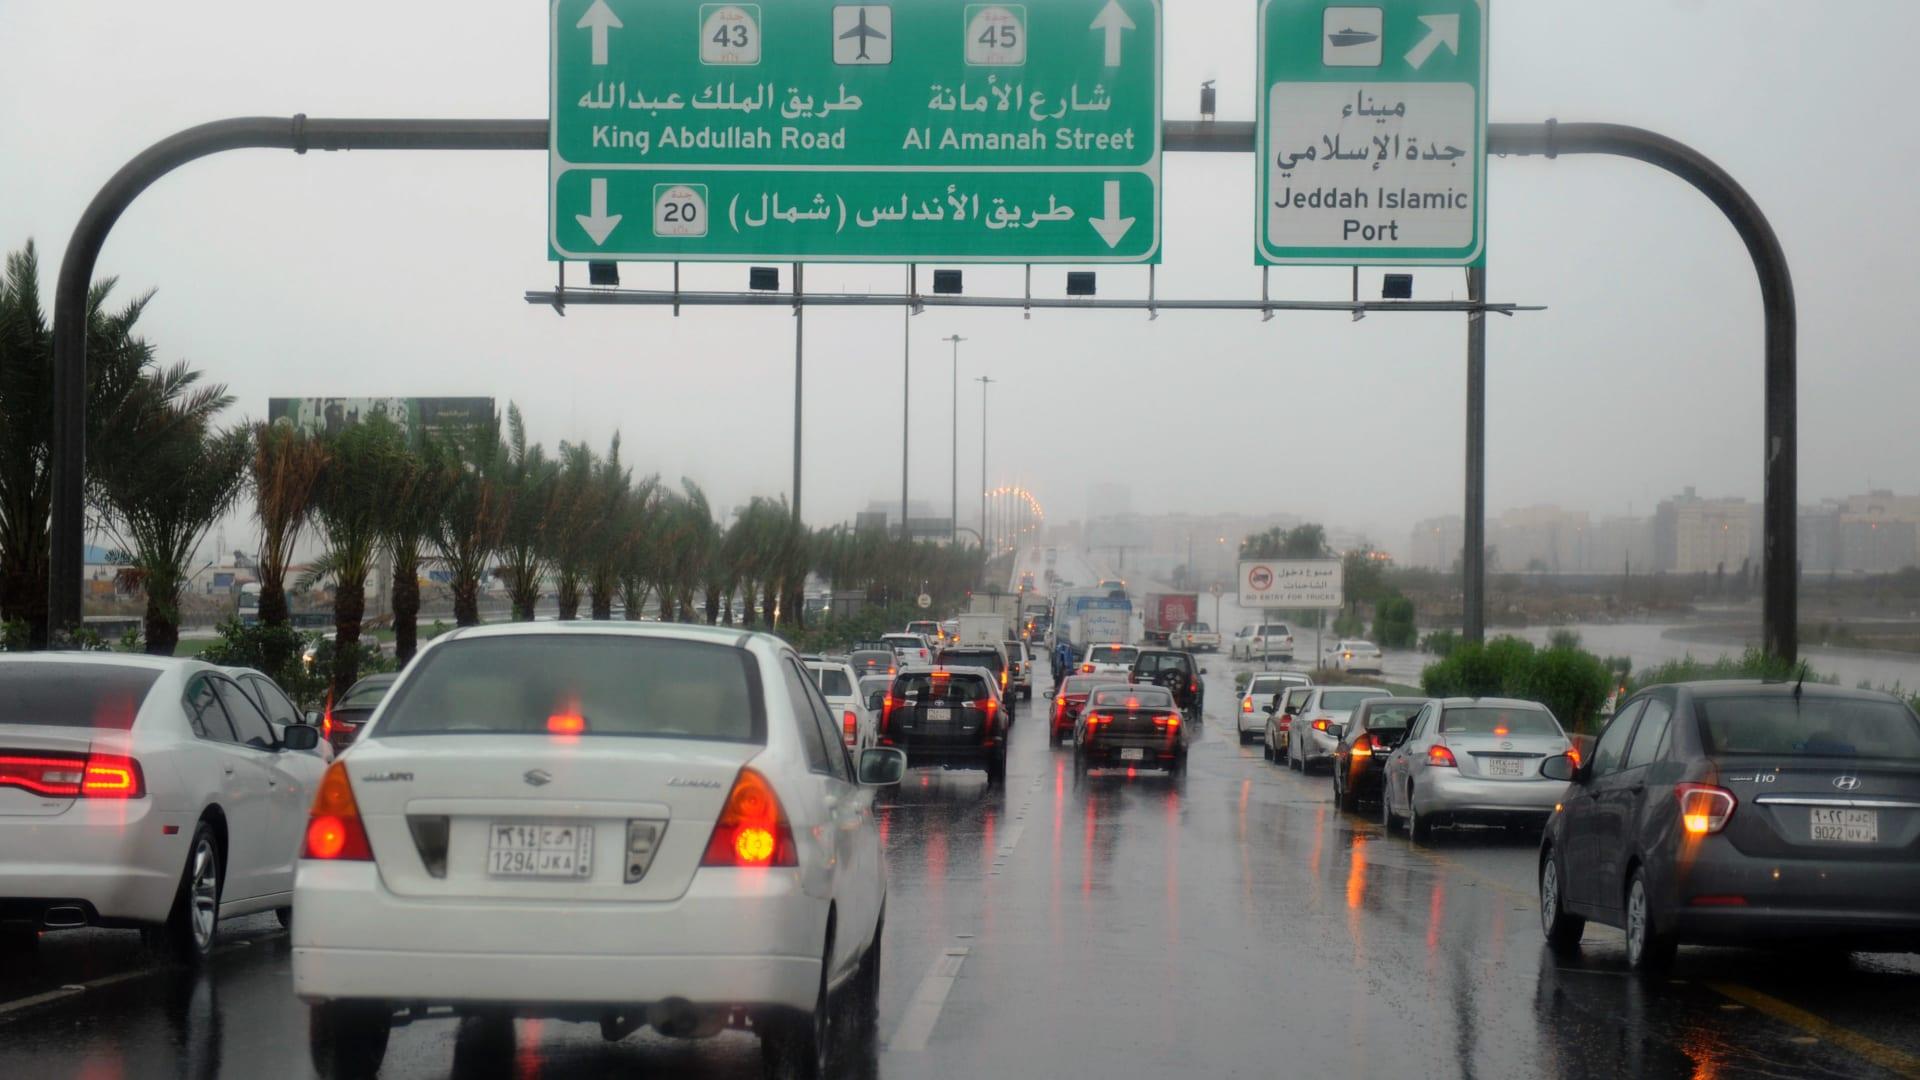 السعودية تحدد المناطق التي سيبدأ منها برنامج الاستمطار الصناعي